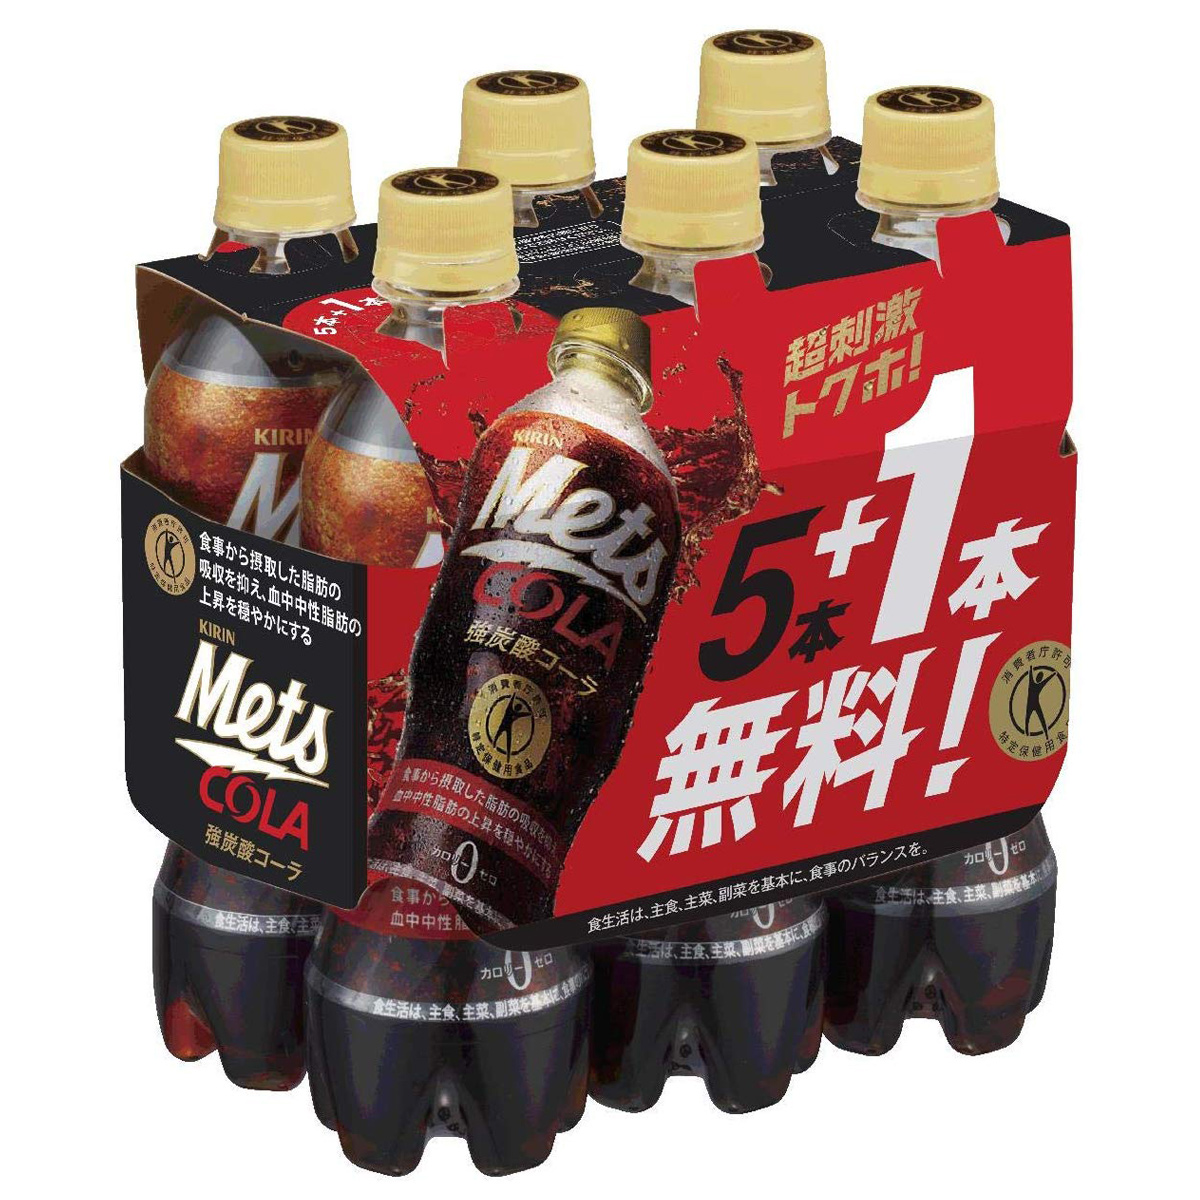 【1ケース】キリン メッツ コーラ 480mL5本+おまけ1本纏売り施策 飲料 飲み物 ソフトドリンク ペットボトル 6本×4セット×1ケース 24本 買い回り 買い周り 買いまわり ポイント消化